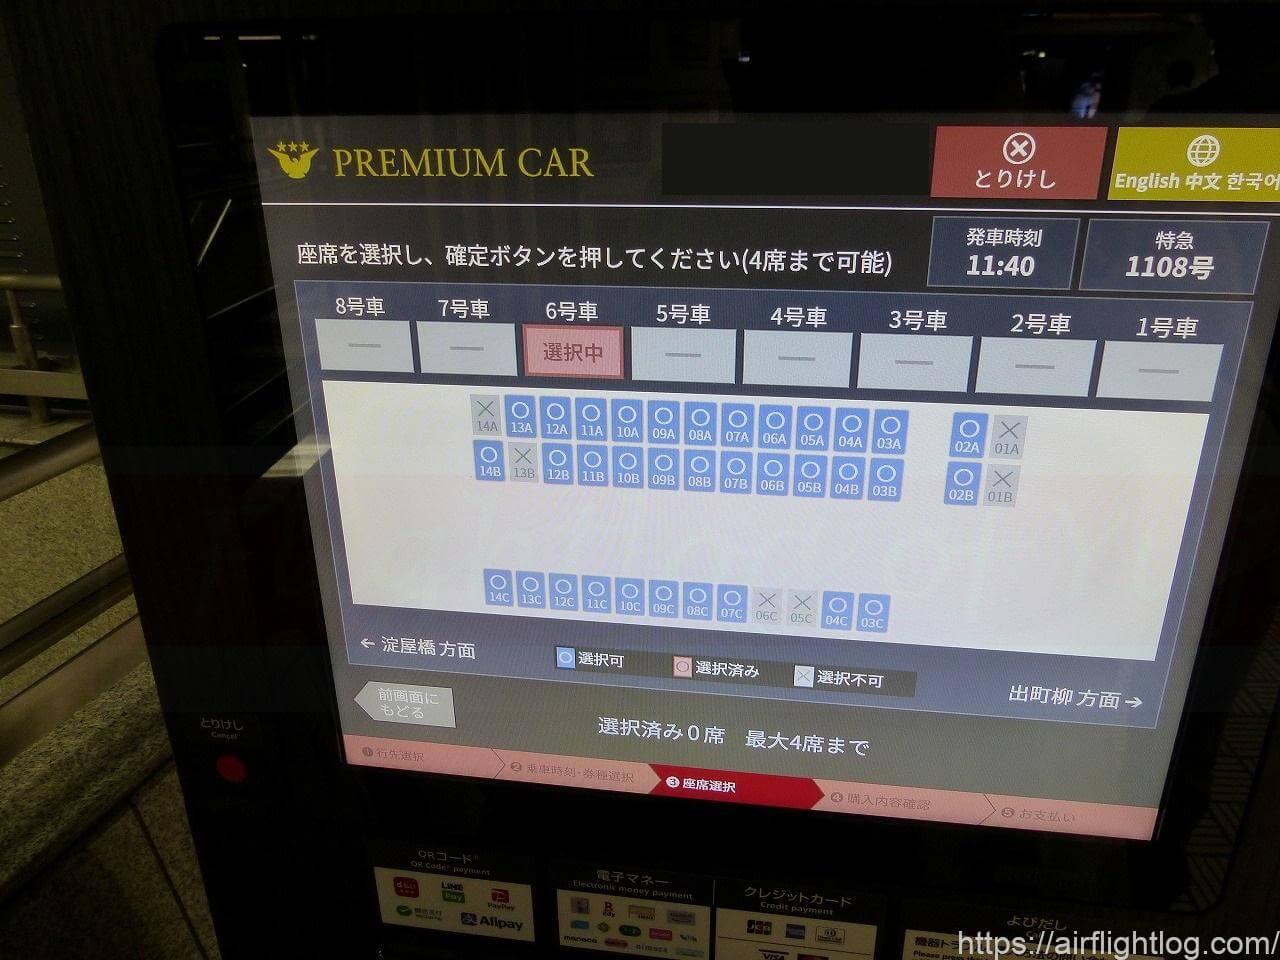 京阪プレミアムカー券売機画面